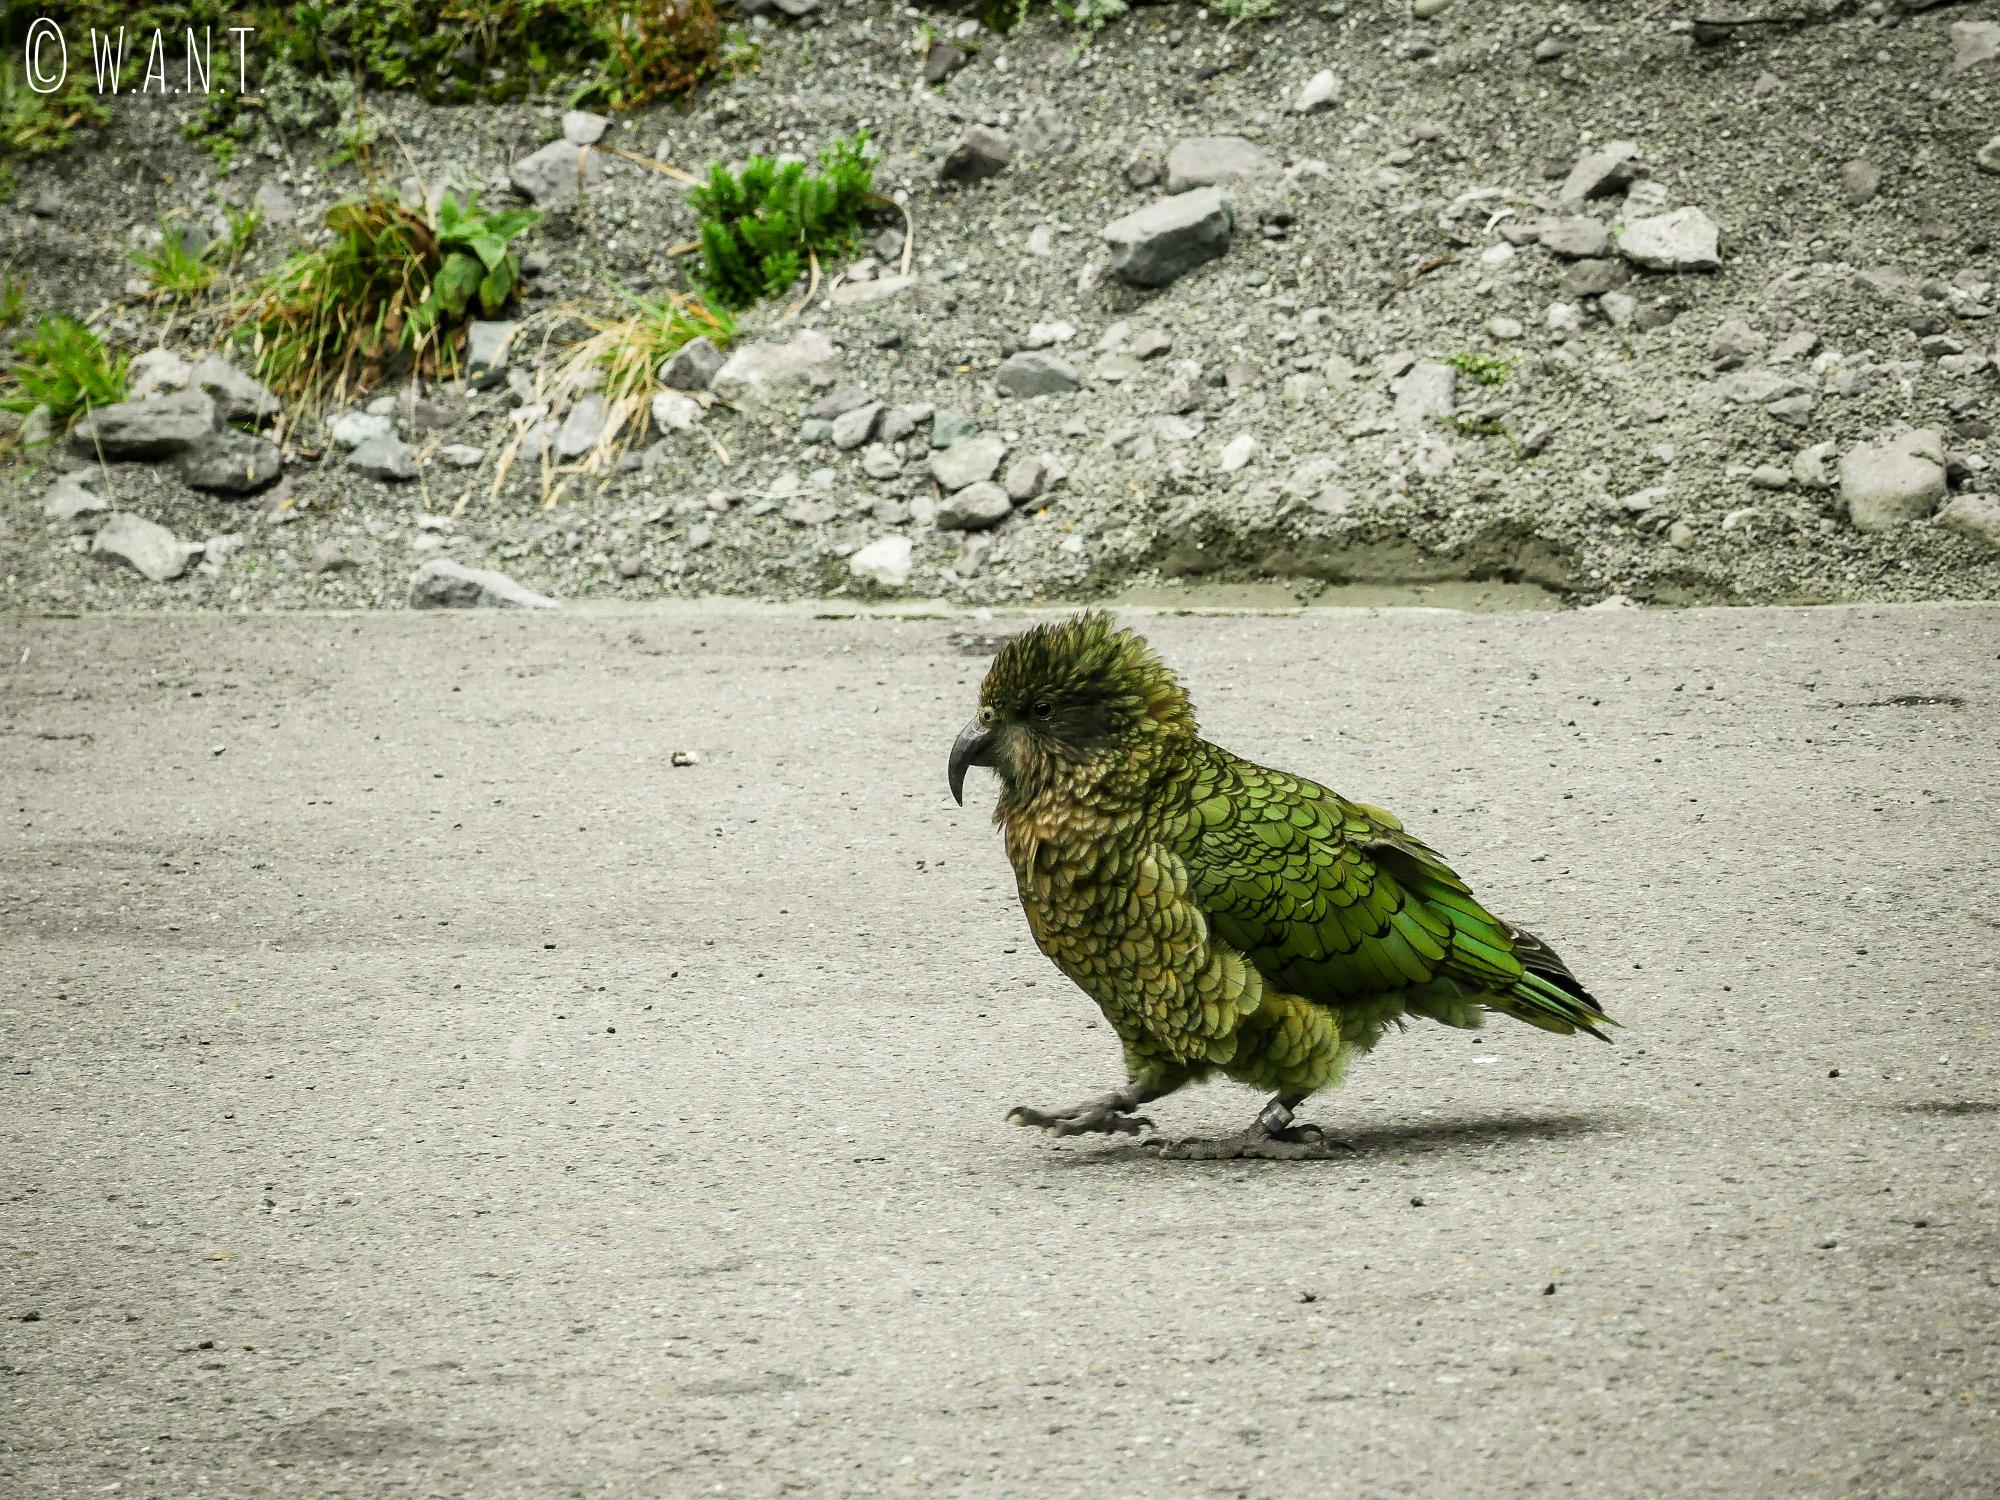 Rencontre avec un kéa sur la route de Milford Sound en Nouvelle-Zélande